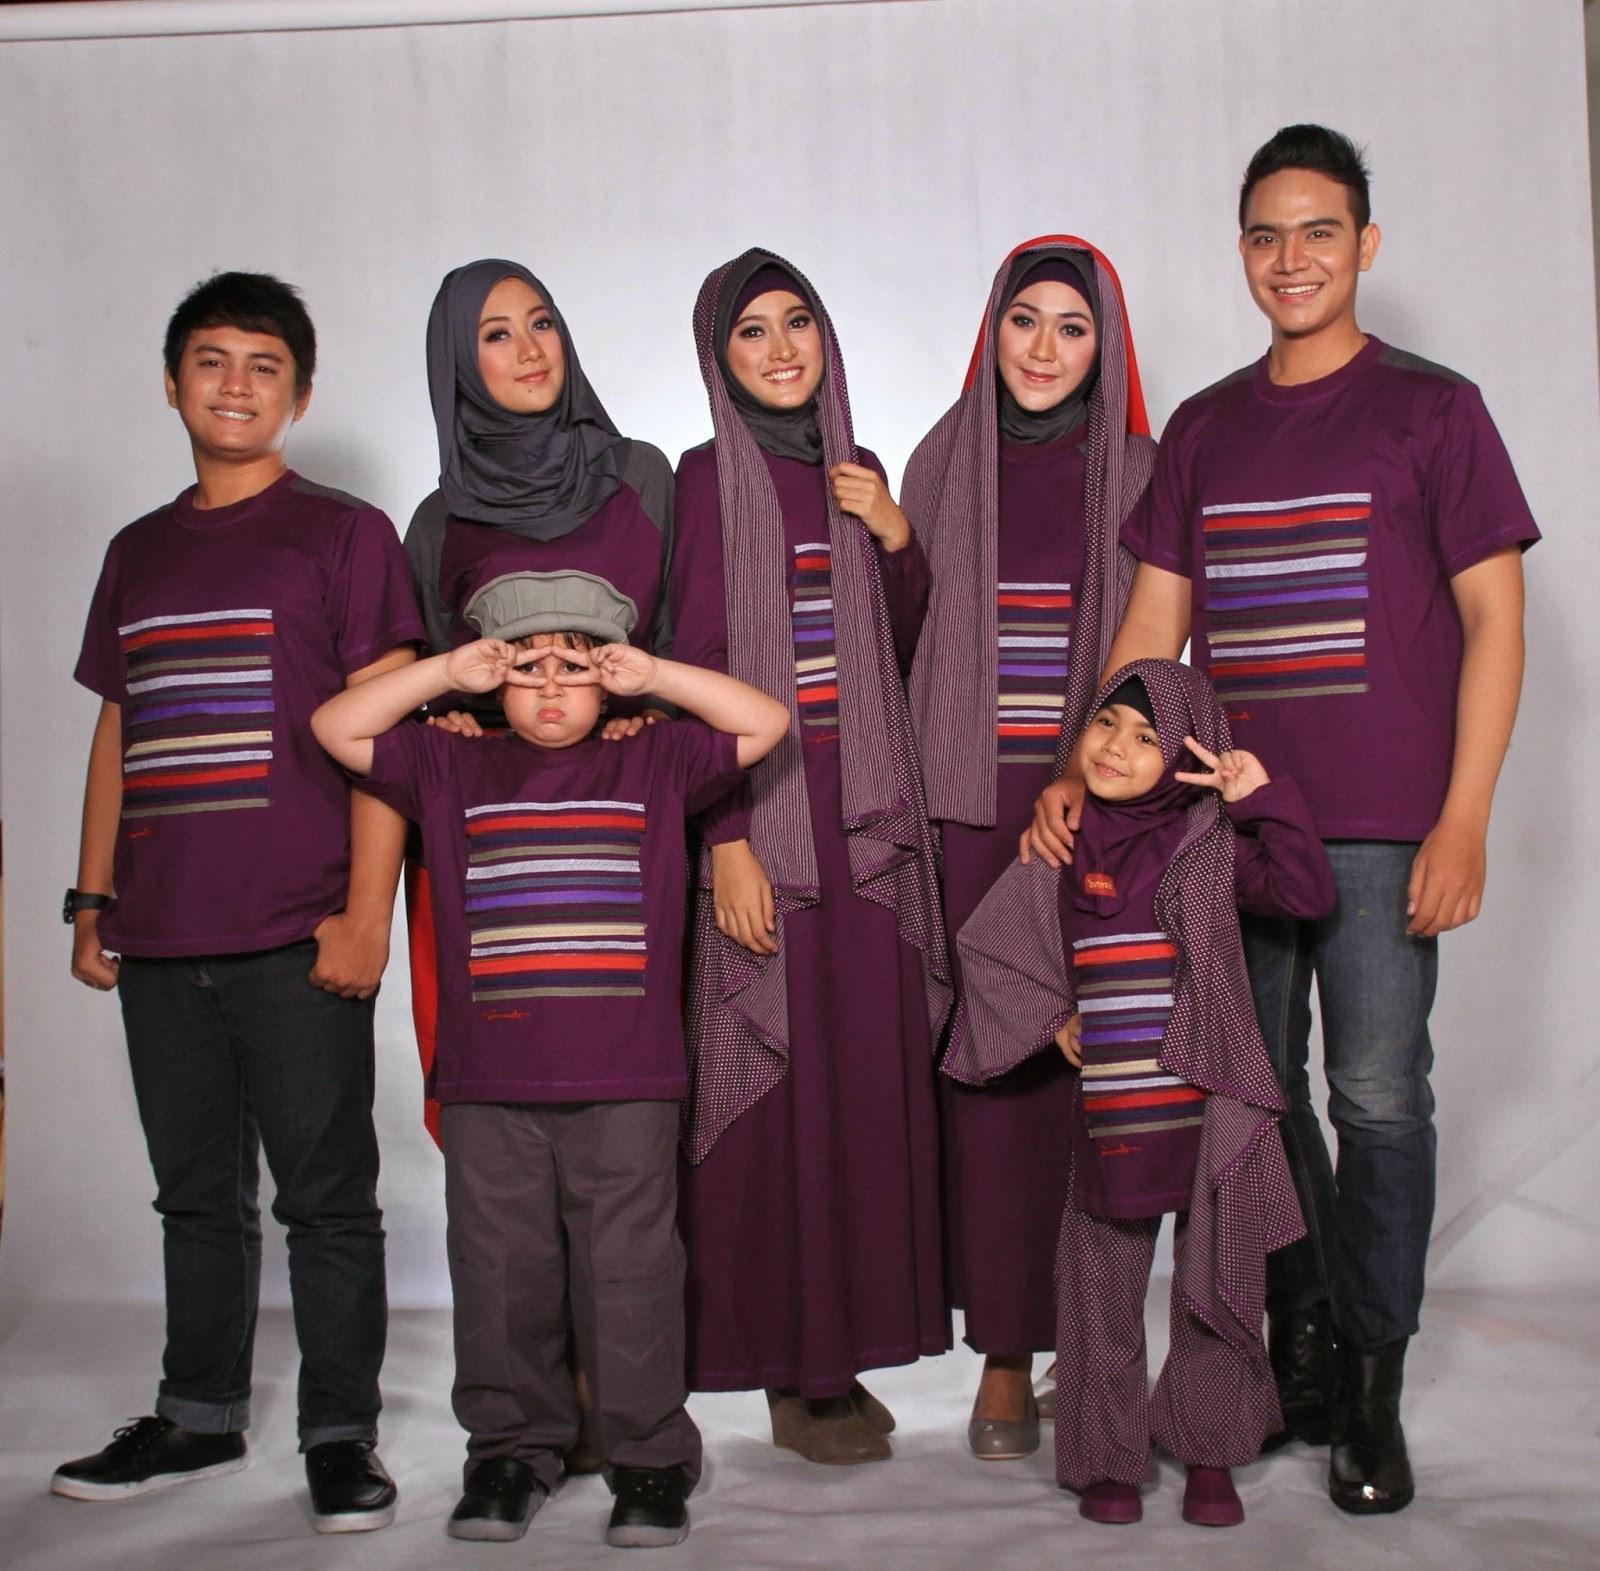 Bentuk Model Baju Lebaran Untuk Anak Perempuan Jxdu Model Baju Keluarga Untuk Hari Raya Lebaran 2018